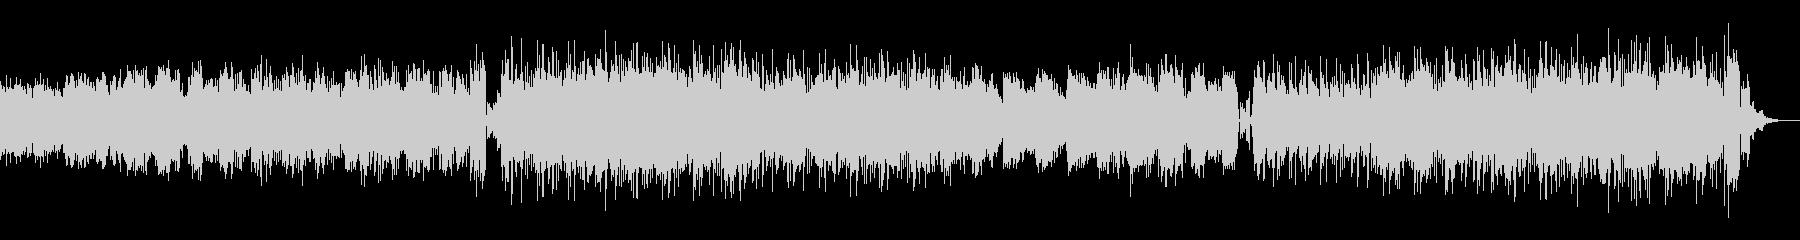 スフレのように柔らかい音色のテクノの未再生の波形